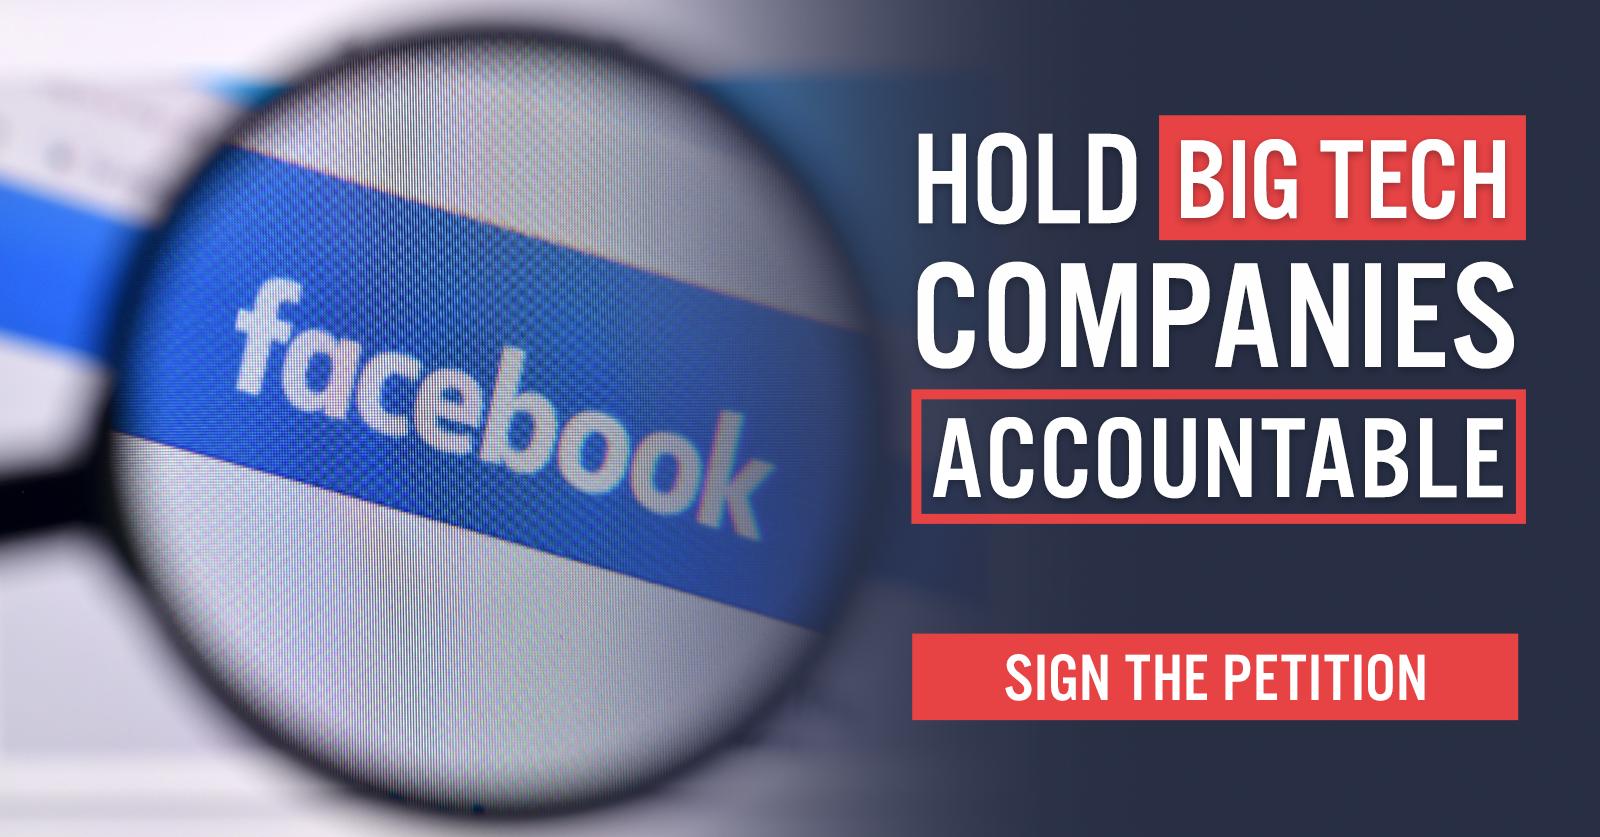 Hold Big Tech Accountable